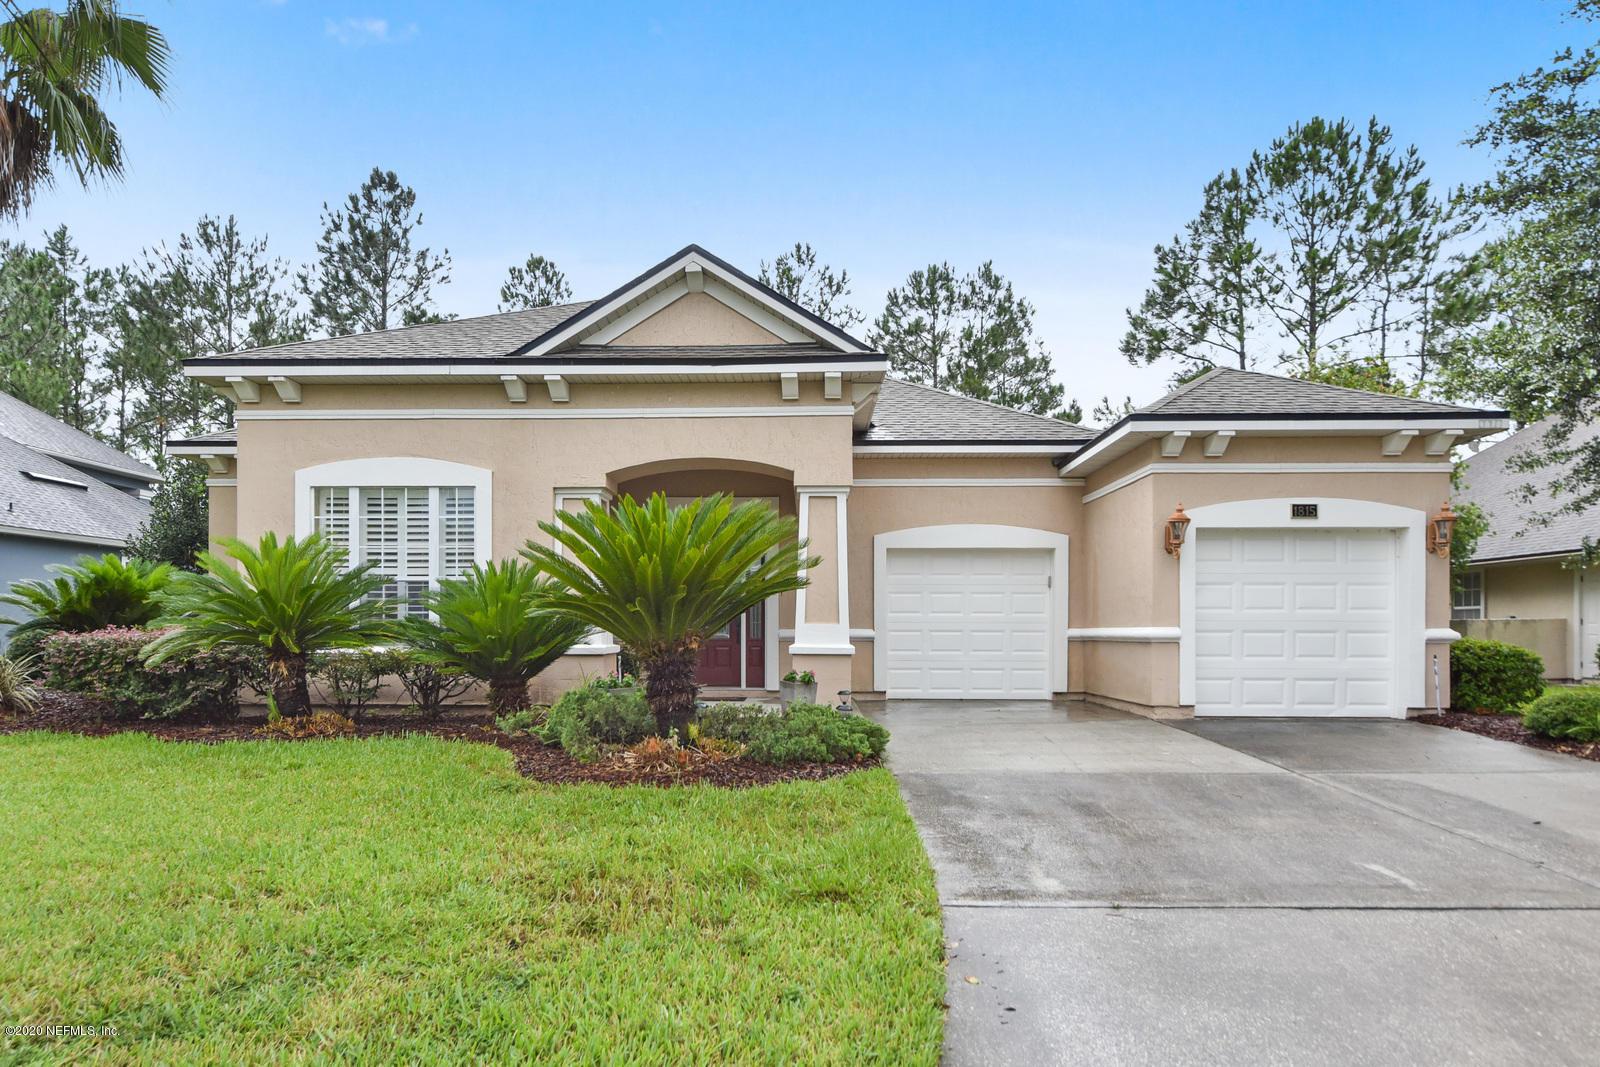 1815 WILD DUNES, ORANGE PARK, FLORIDA 32065, 4 Bedrooms Bedrooms, ,3 BathroomsBathrooms,Residential,For sale,WILD DUNES,1065642